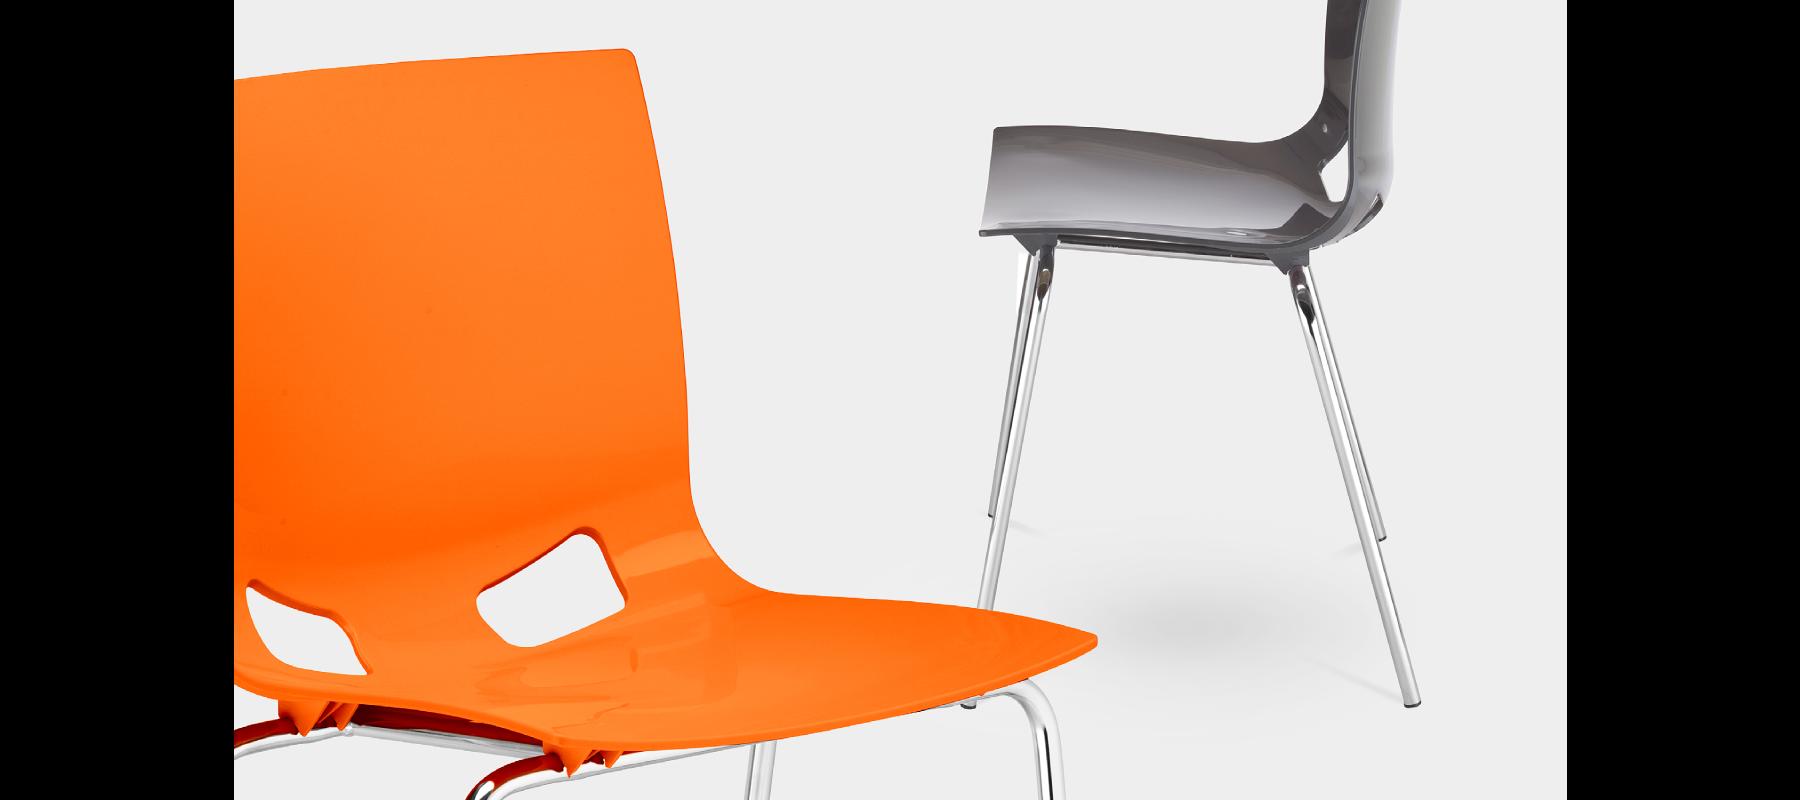 krzesła stacjonarne fondo aranżacje - 09